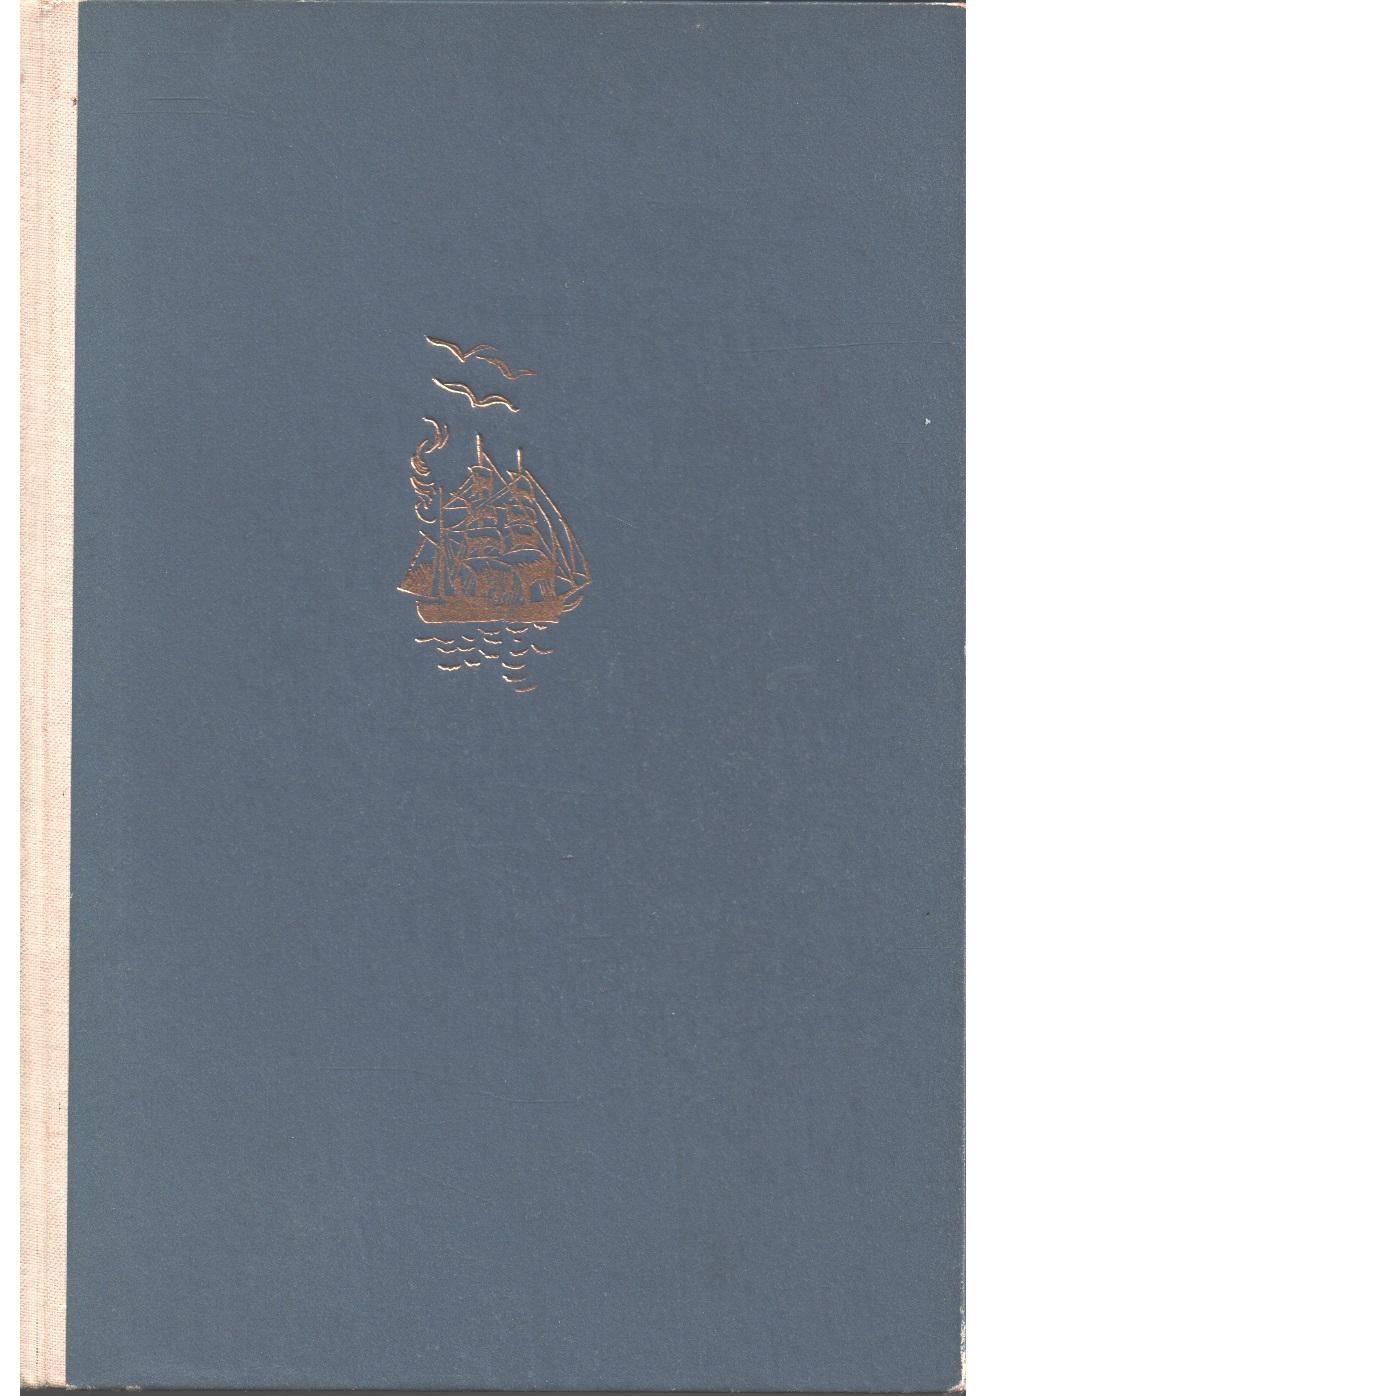 Skepp i gattet : Västkustbilder från hamn och hav - Krantz, Claes